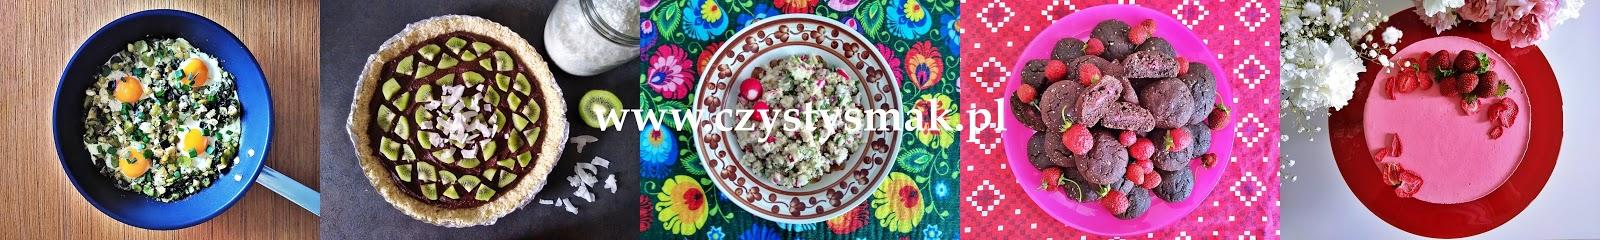 Czysty Smak blog z przepisami kulinarnymi